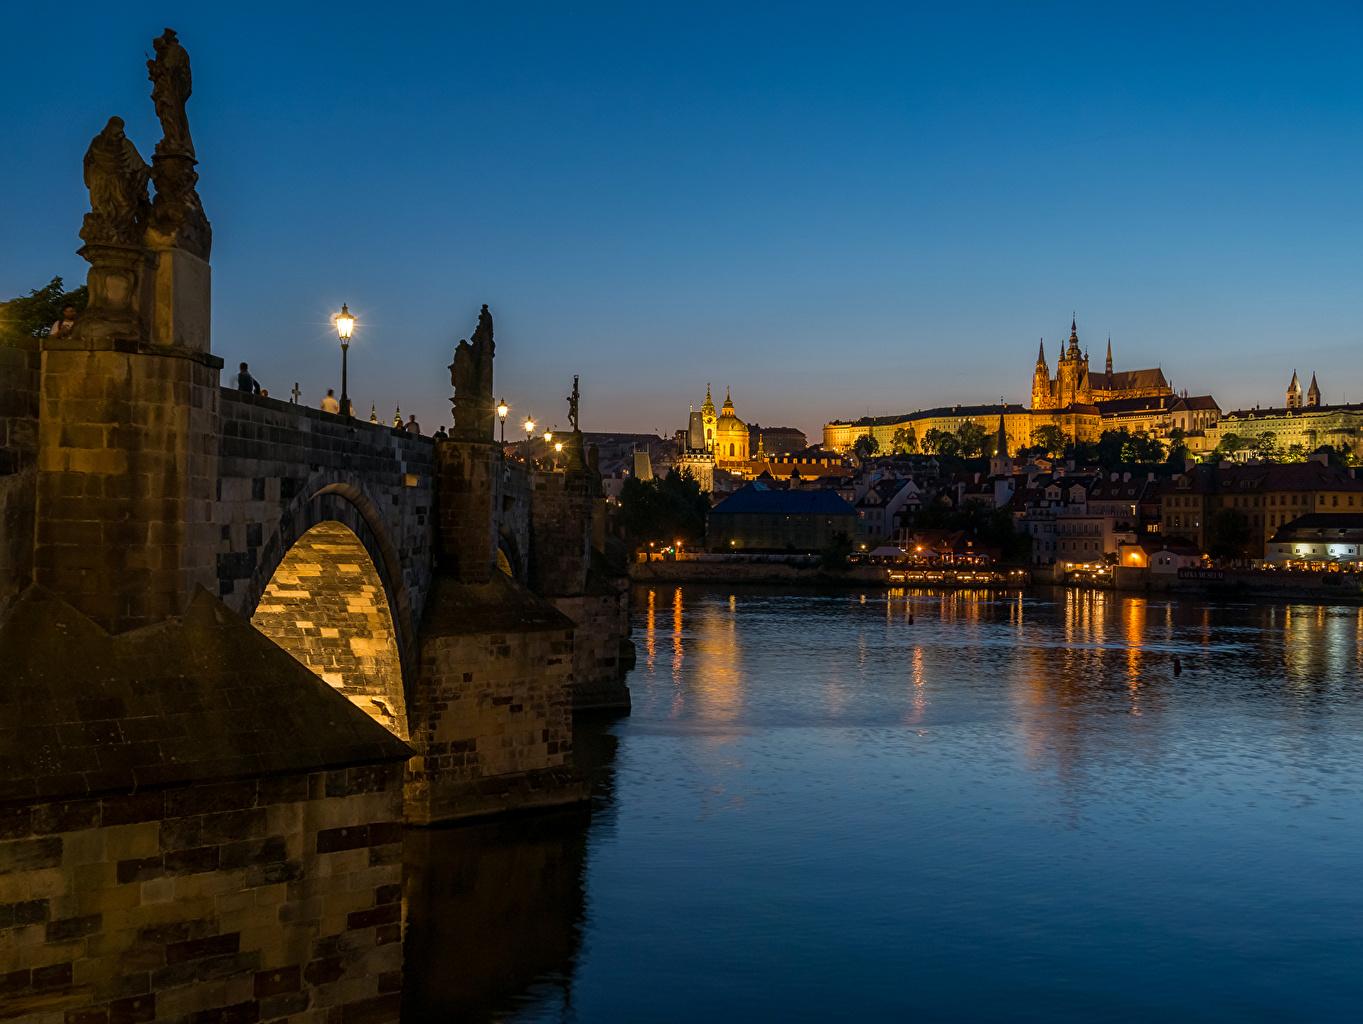 Картинка Прага Чехия Мосты Реки Ночь Уличные фонари Города Скульптуры ночью речка в ночи Ночные город